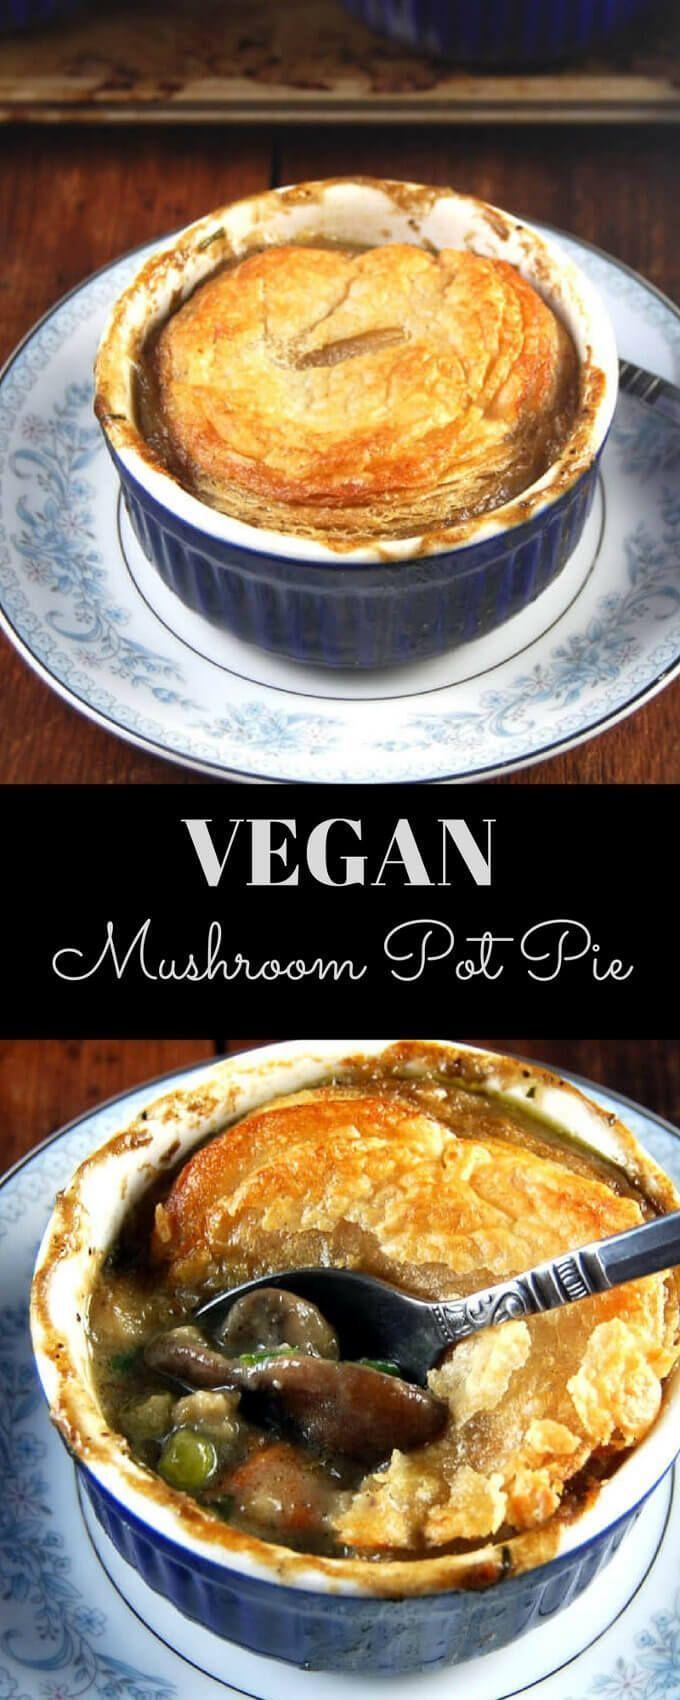 565 besten food glorious vegan food bilder auf pinterest einfache tofu rezepte futter und. Black Bedroom Furniture Sets. Home Design Ideas